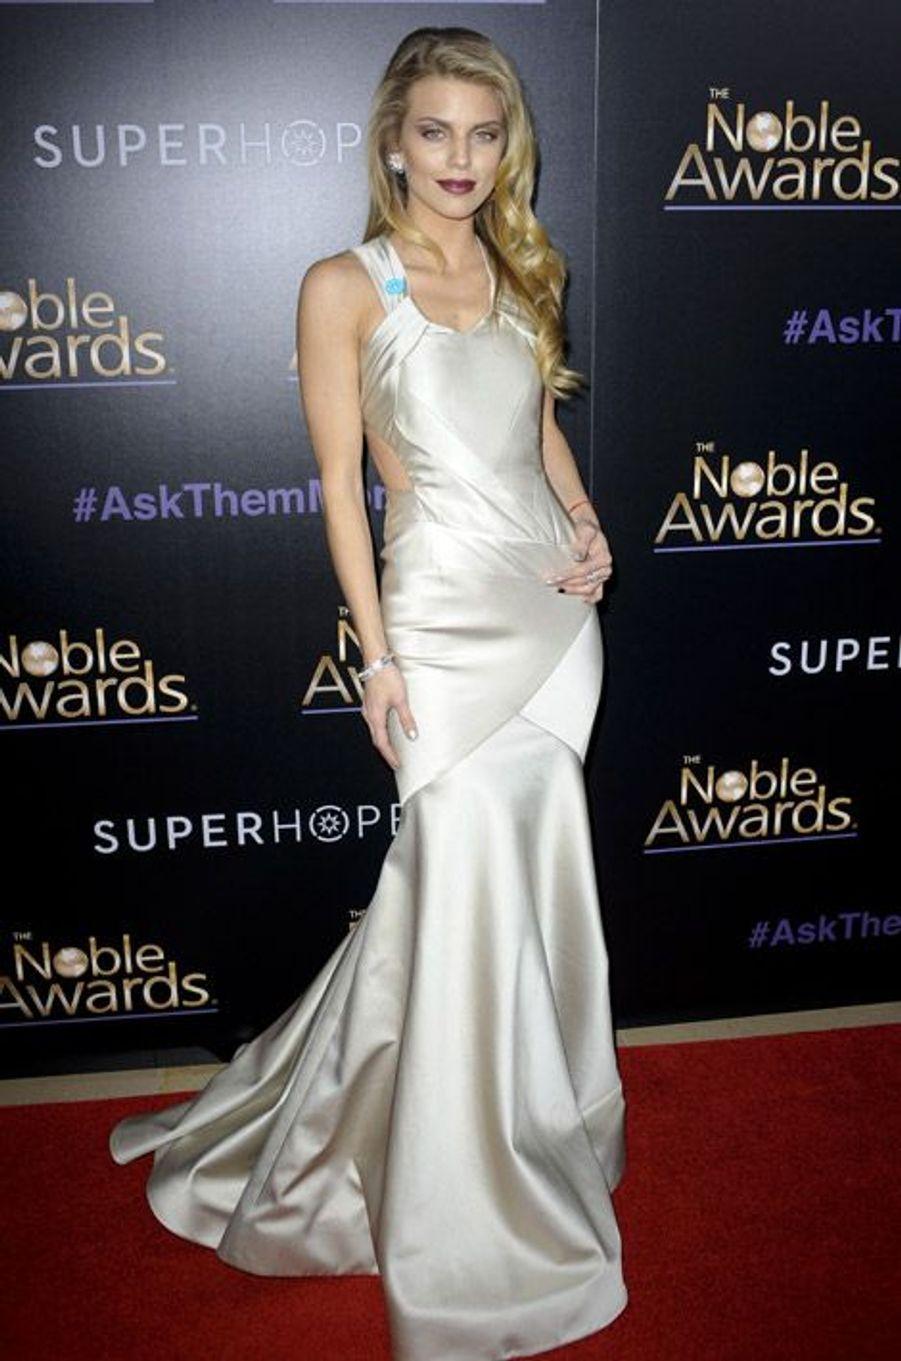 L'actrice AnnaLynne McCord, lors de la cérémonie des Noble Awards à Beverly Hills, le 27 février 2015